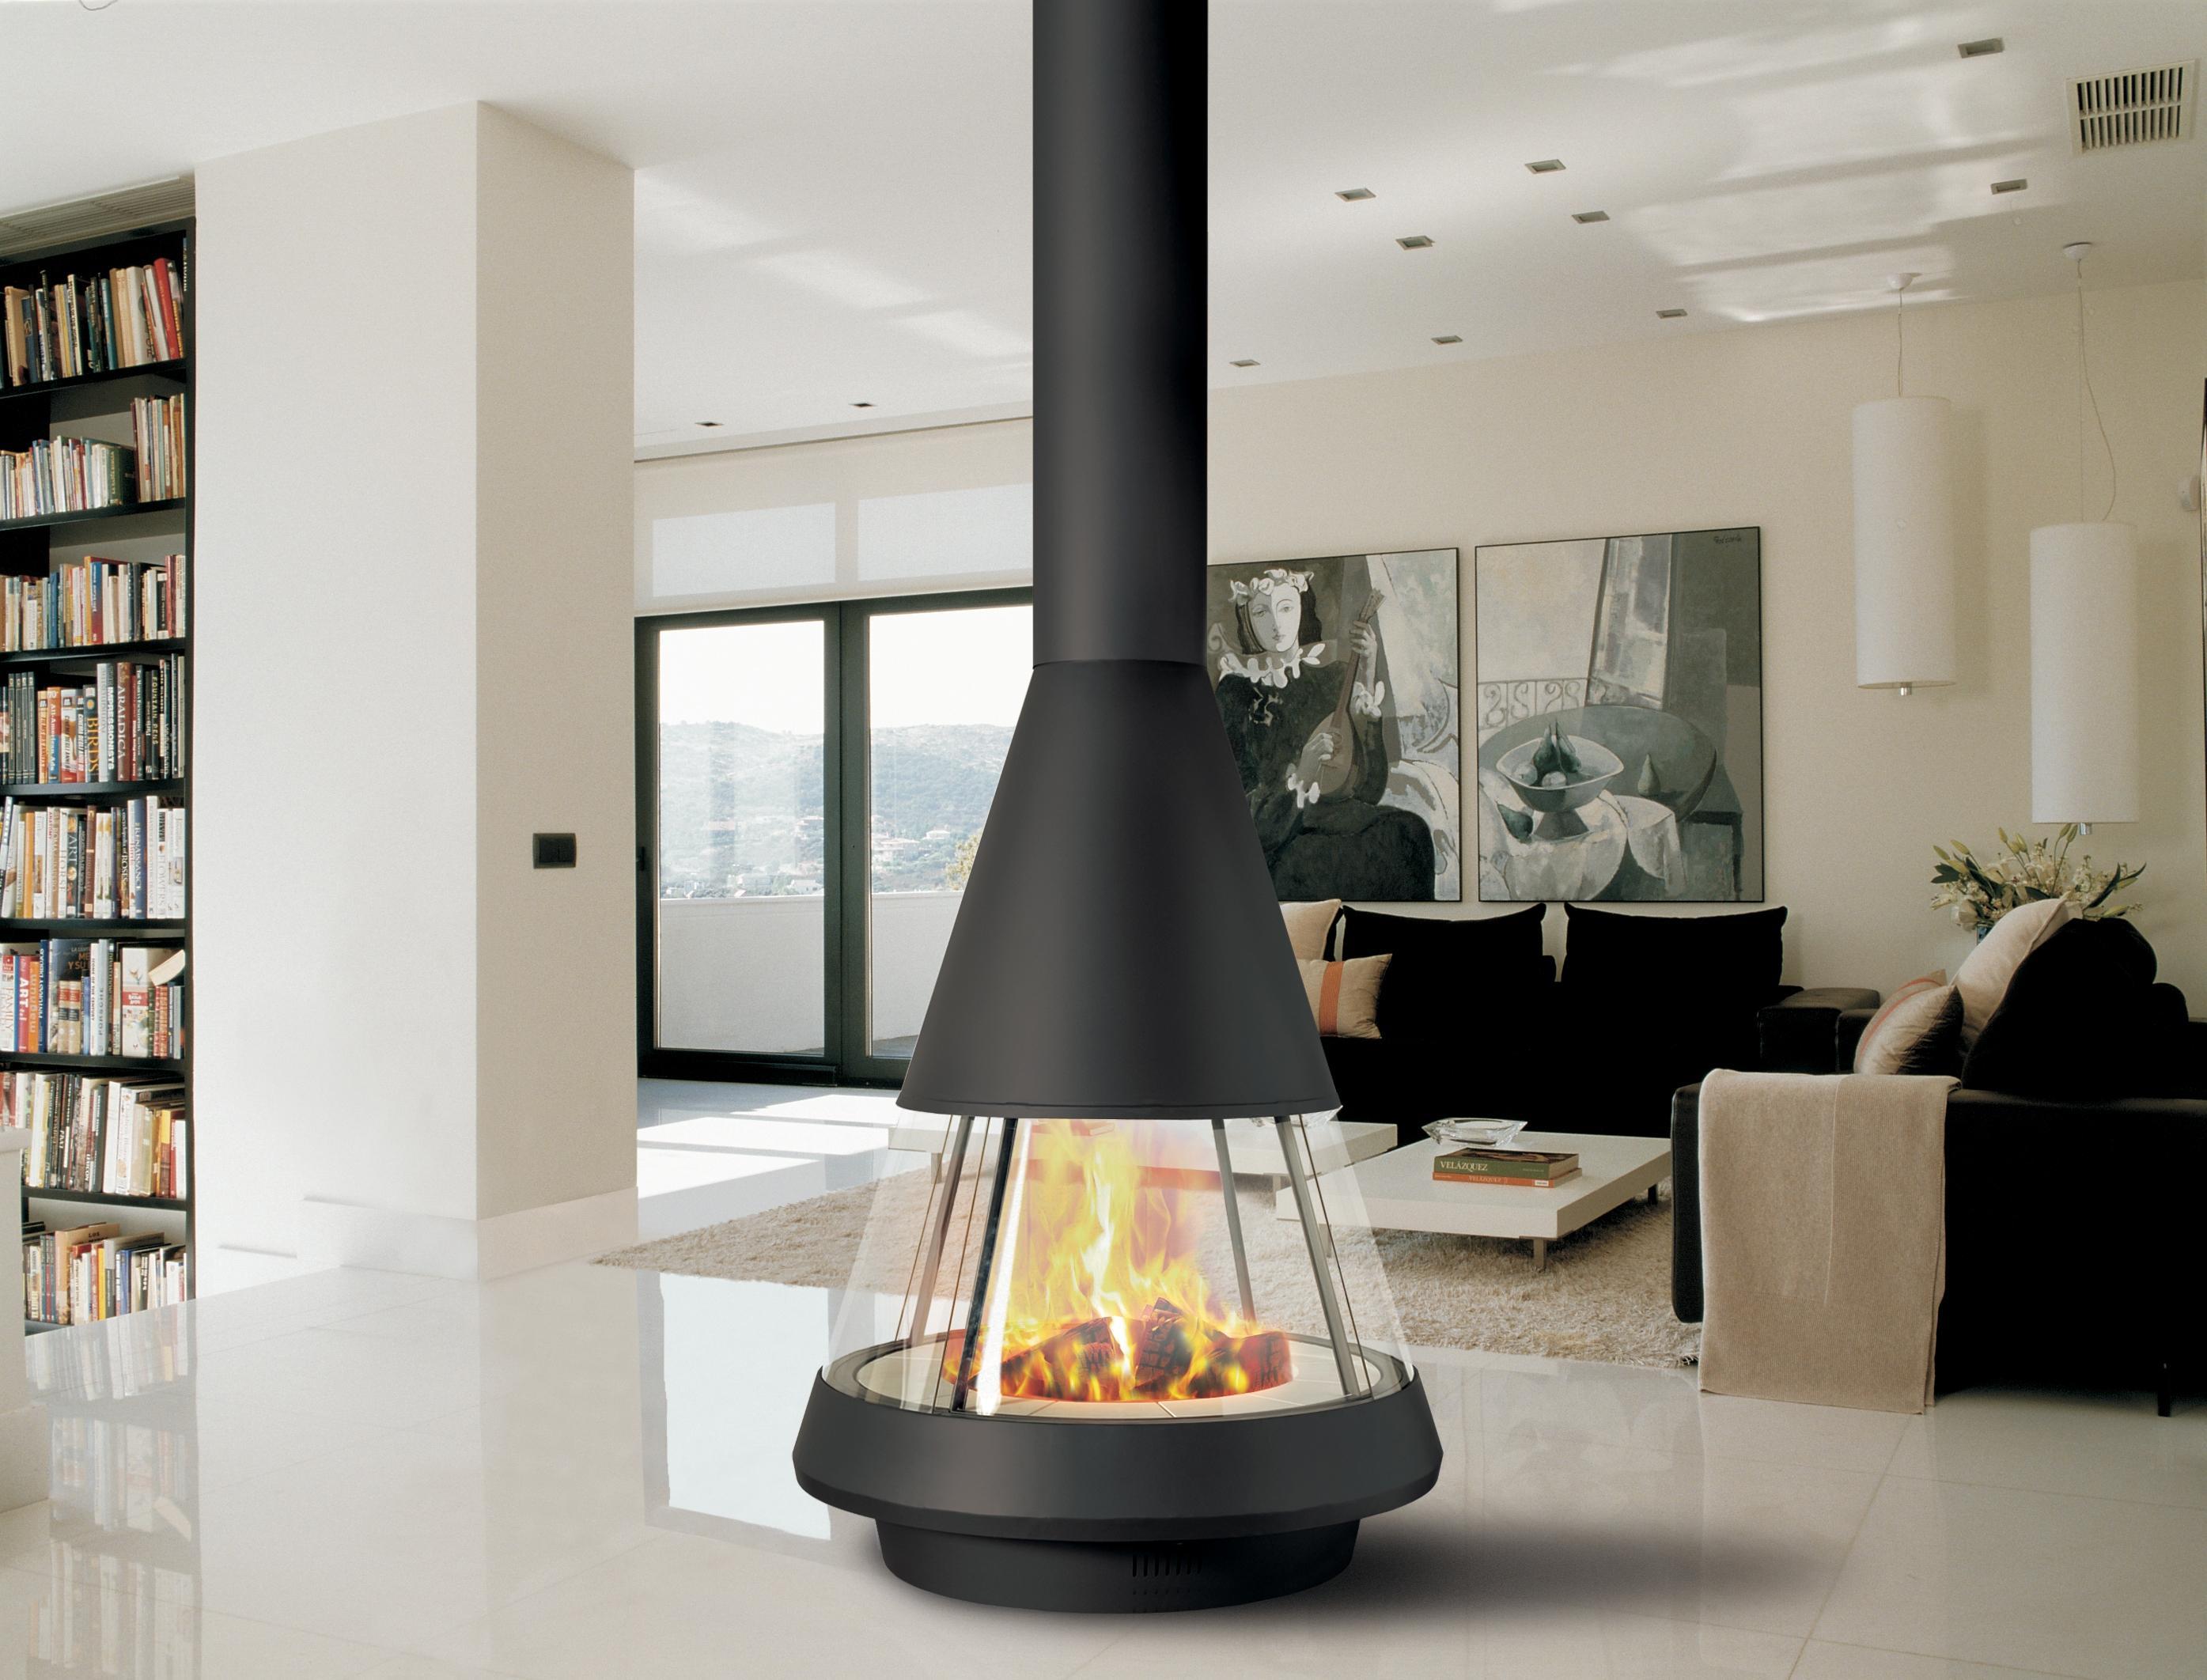 Preguntas frecuentes sobre estufas chimeneas y cocinas for Chimenea de gas en un piso